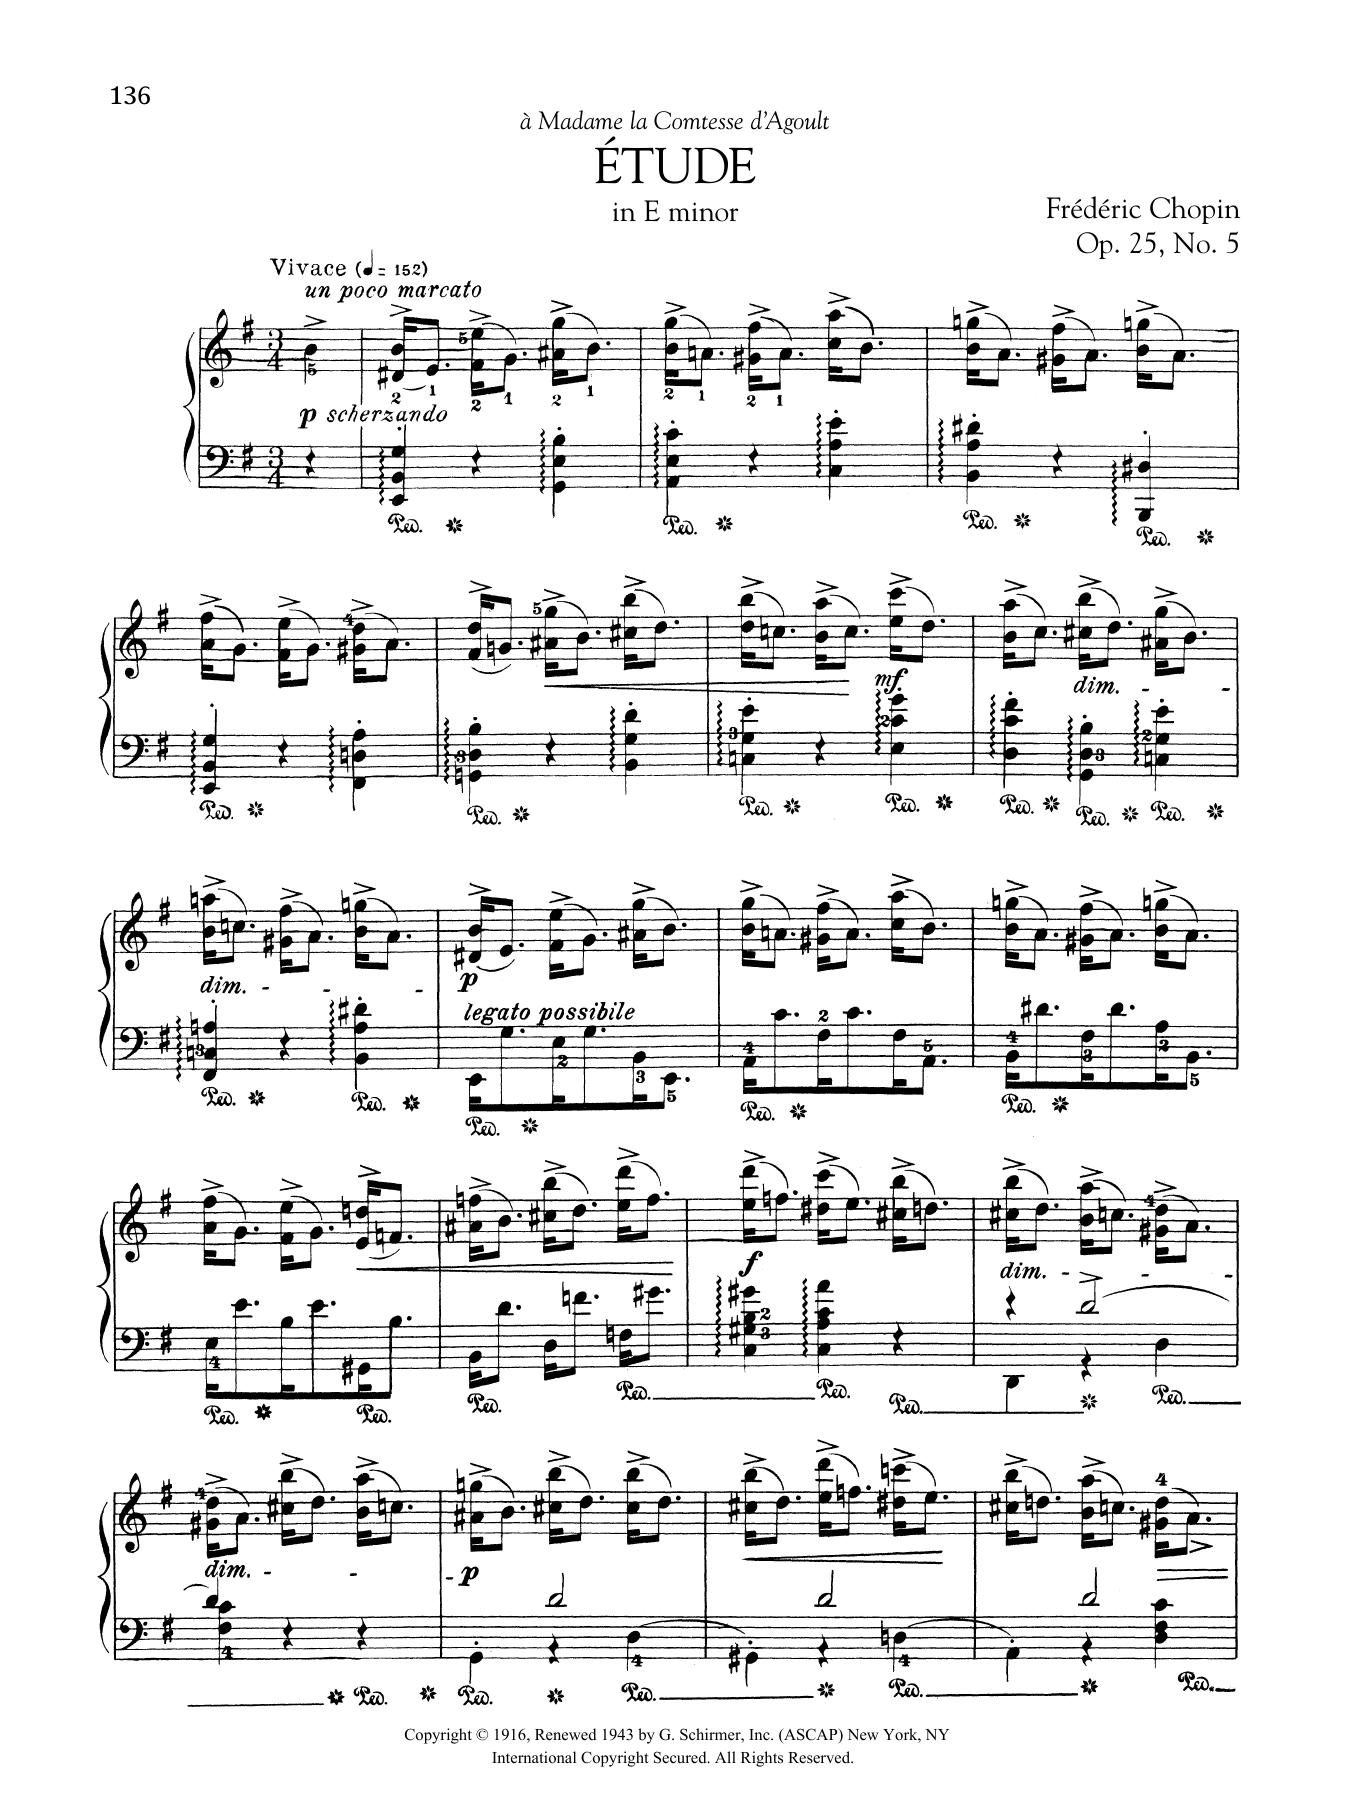 Etude in E minor, Op. 25, No. 5 Sheet Music